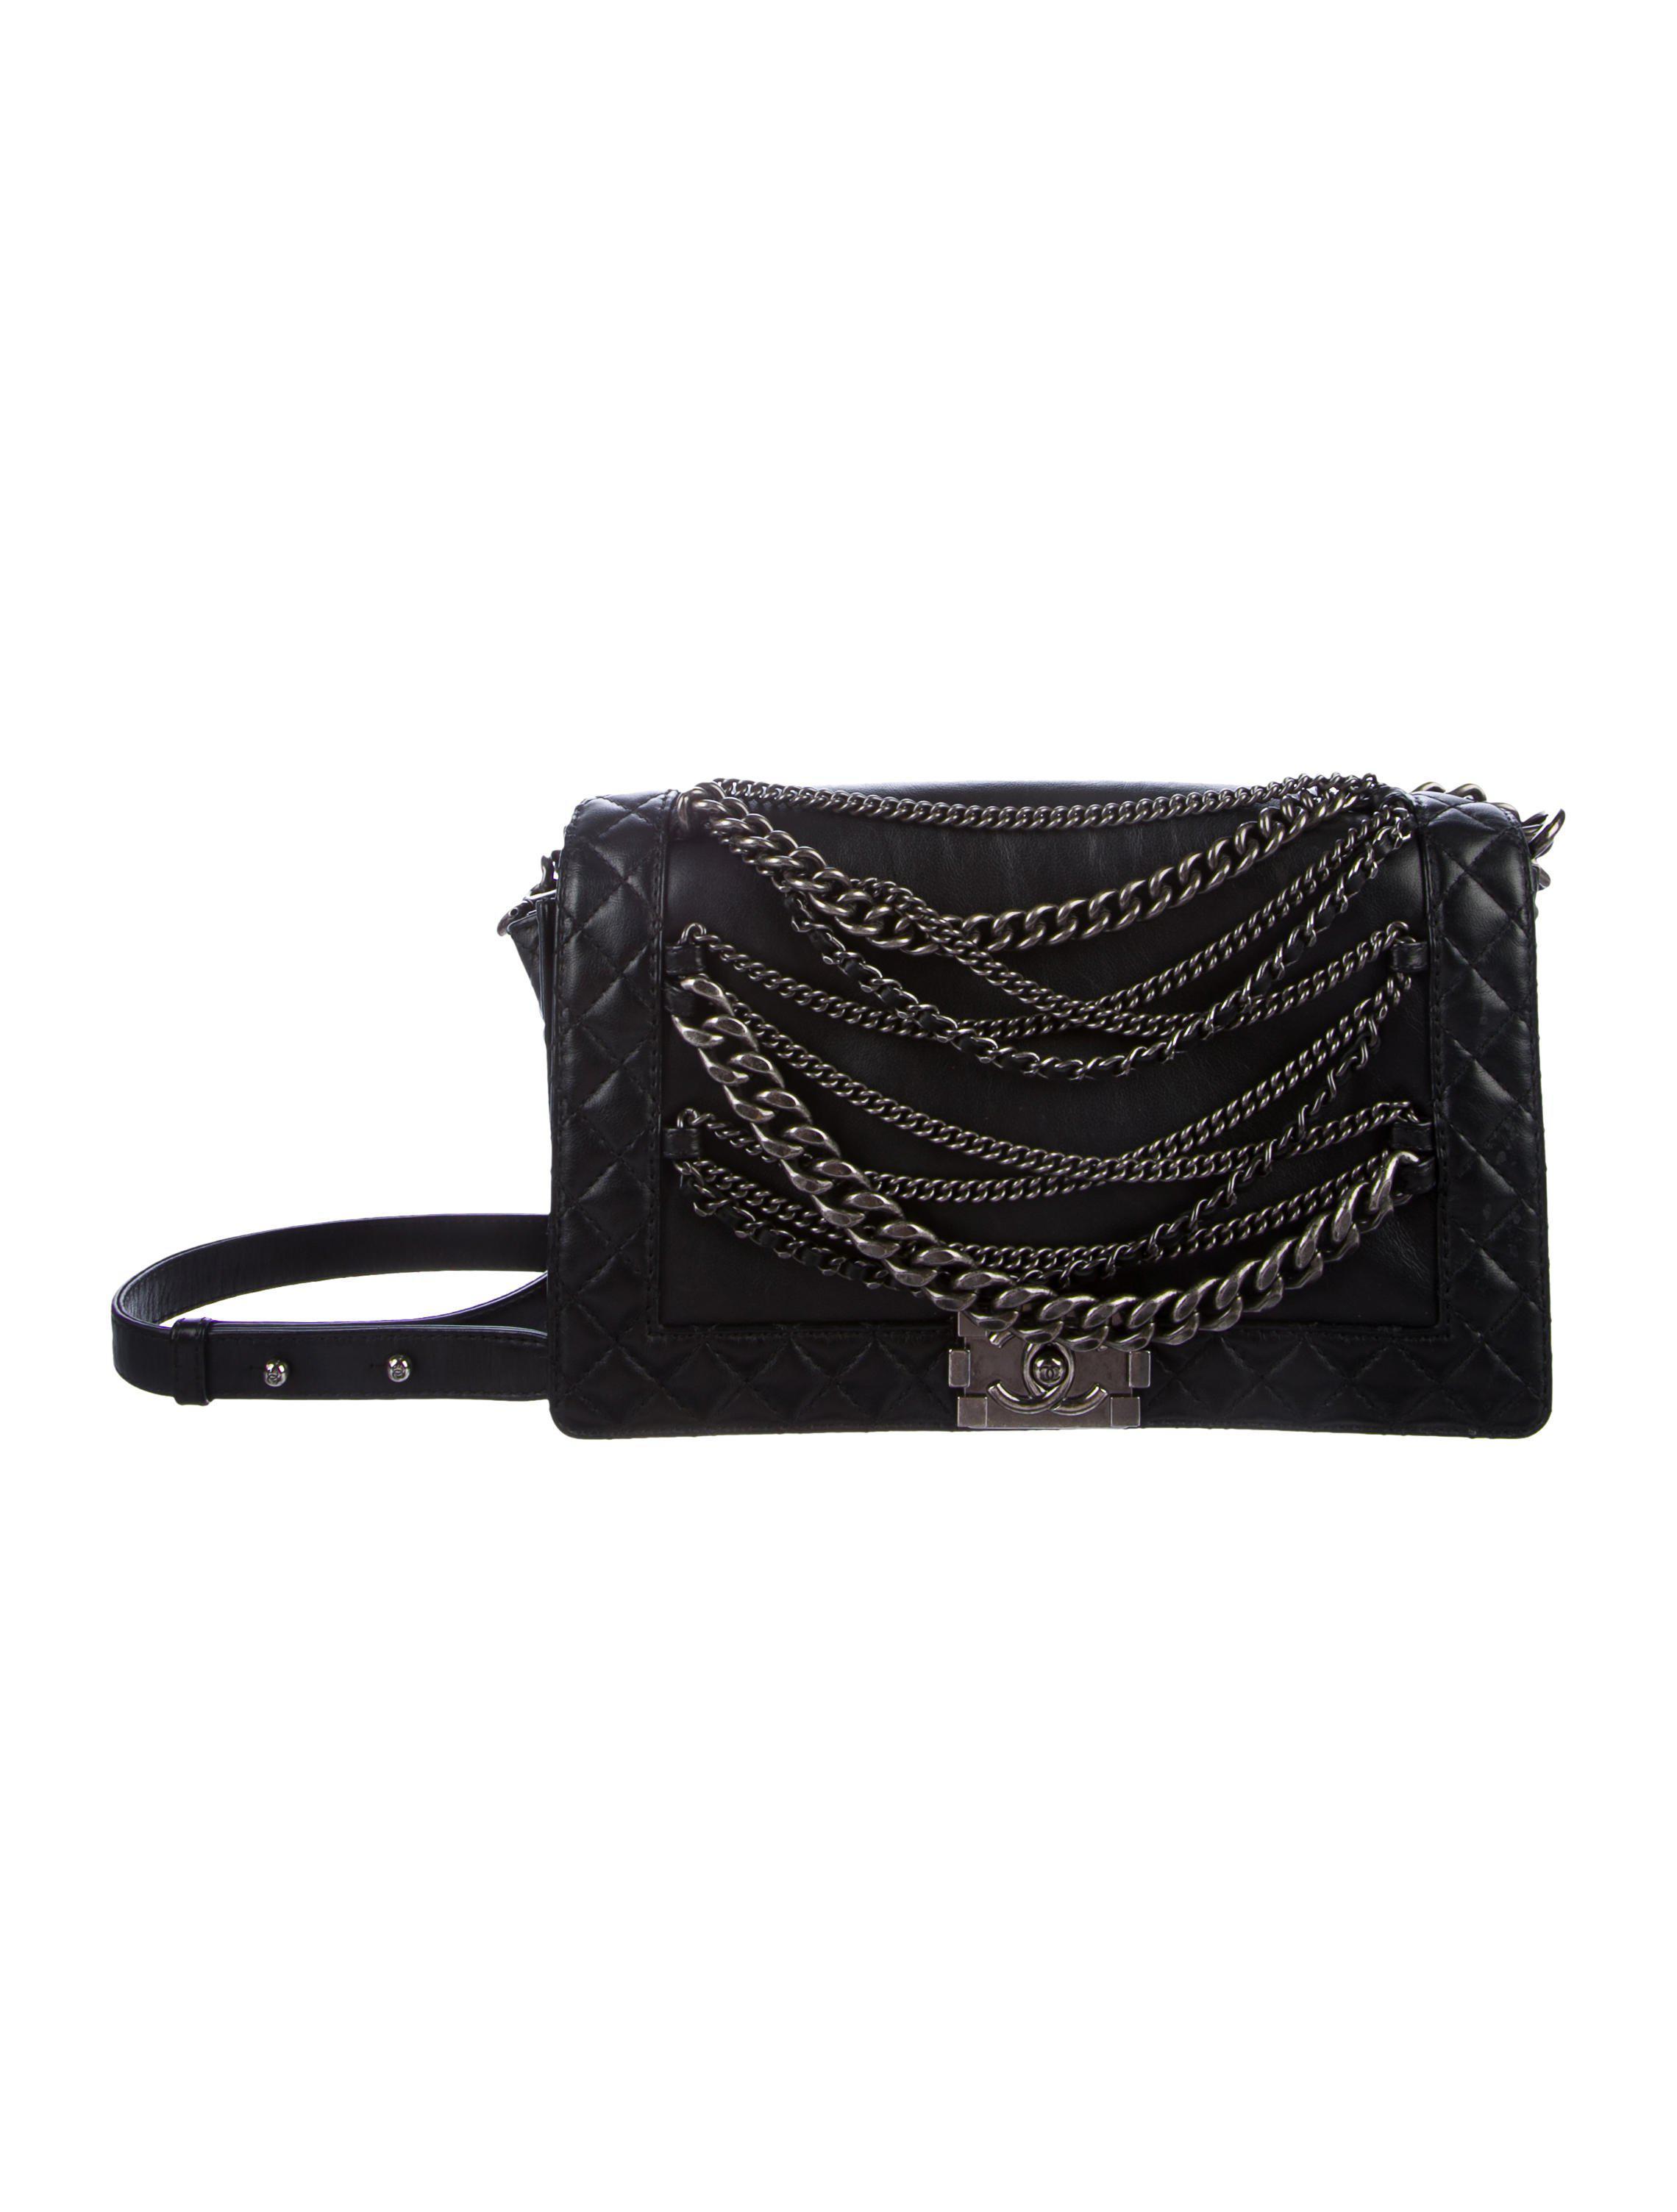 99067751181b Lyst - Chanel Medium Enchained Boy Bag Black in Metallic